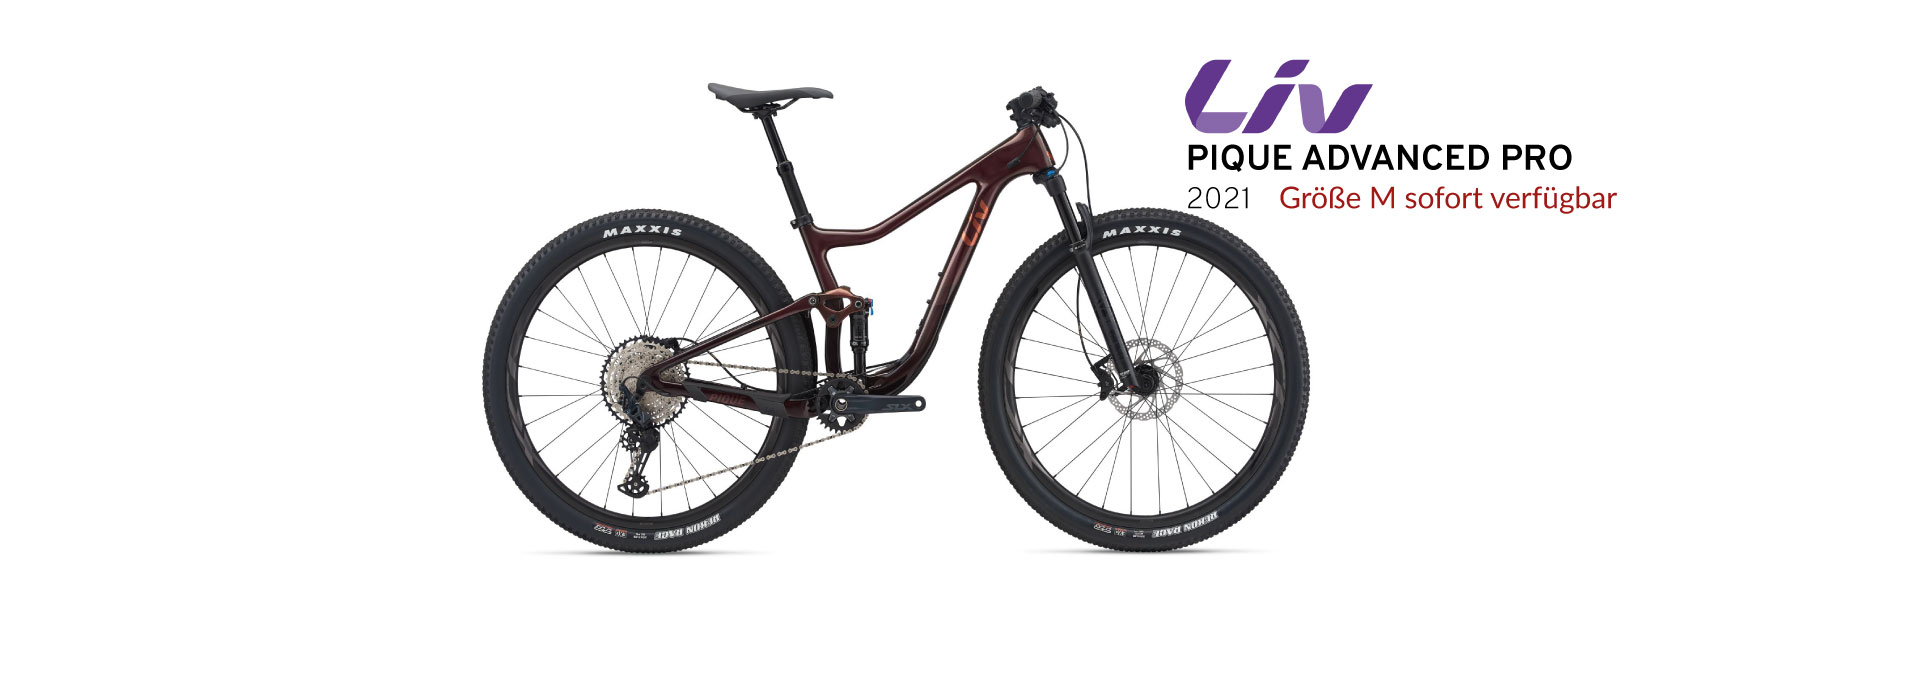 PIQUE-Advances-Pro